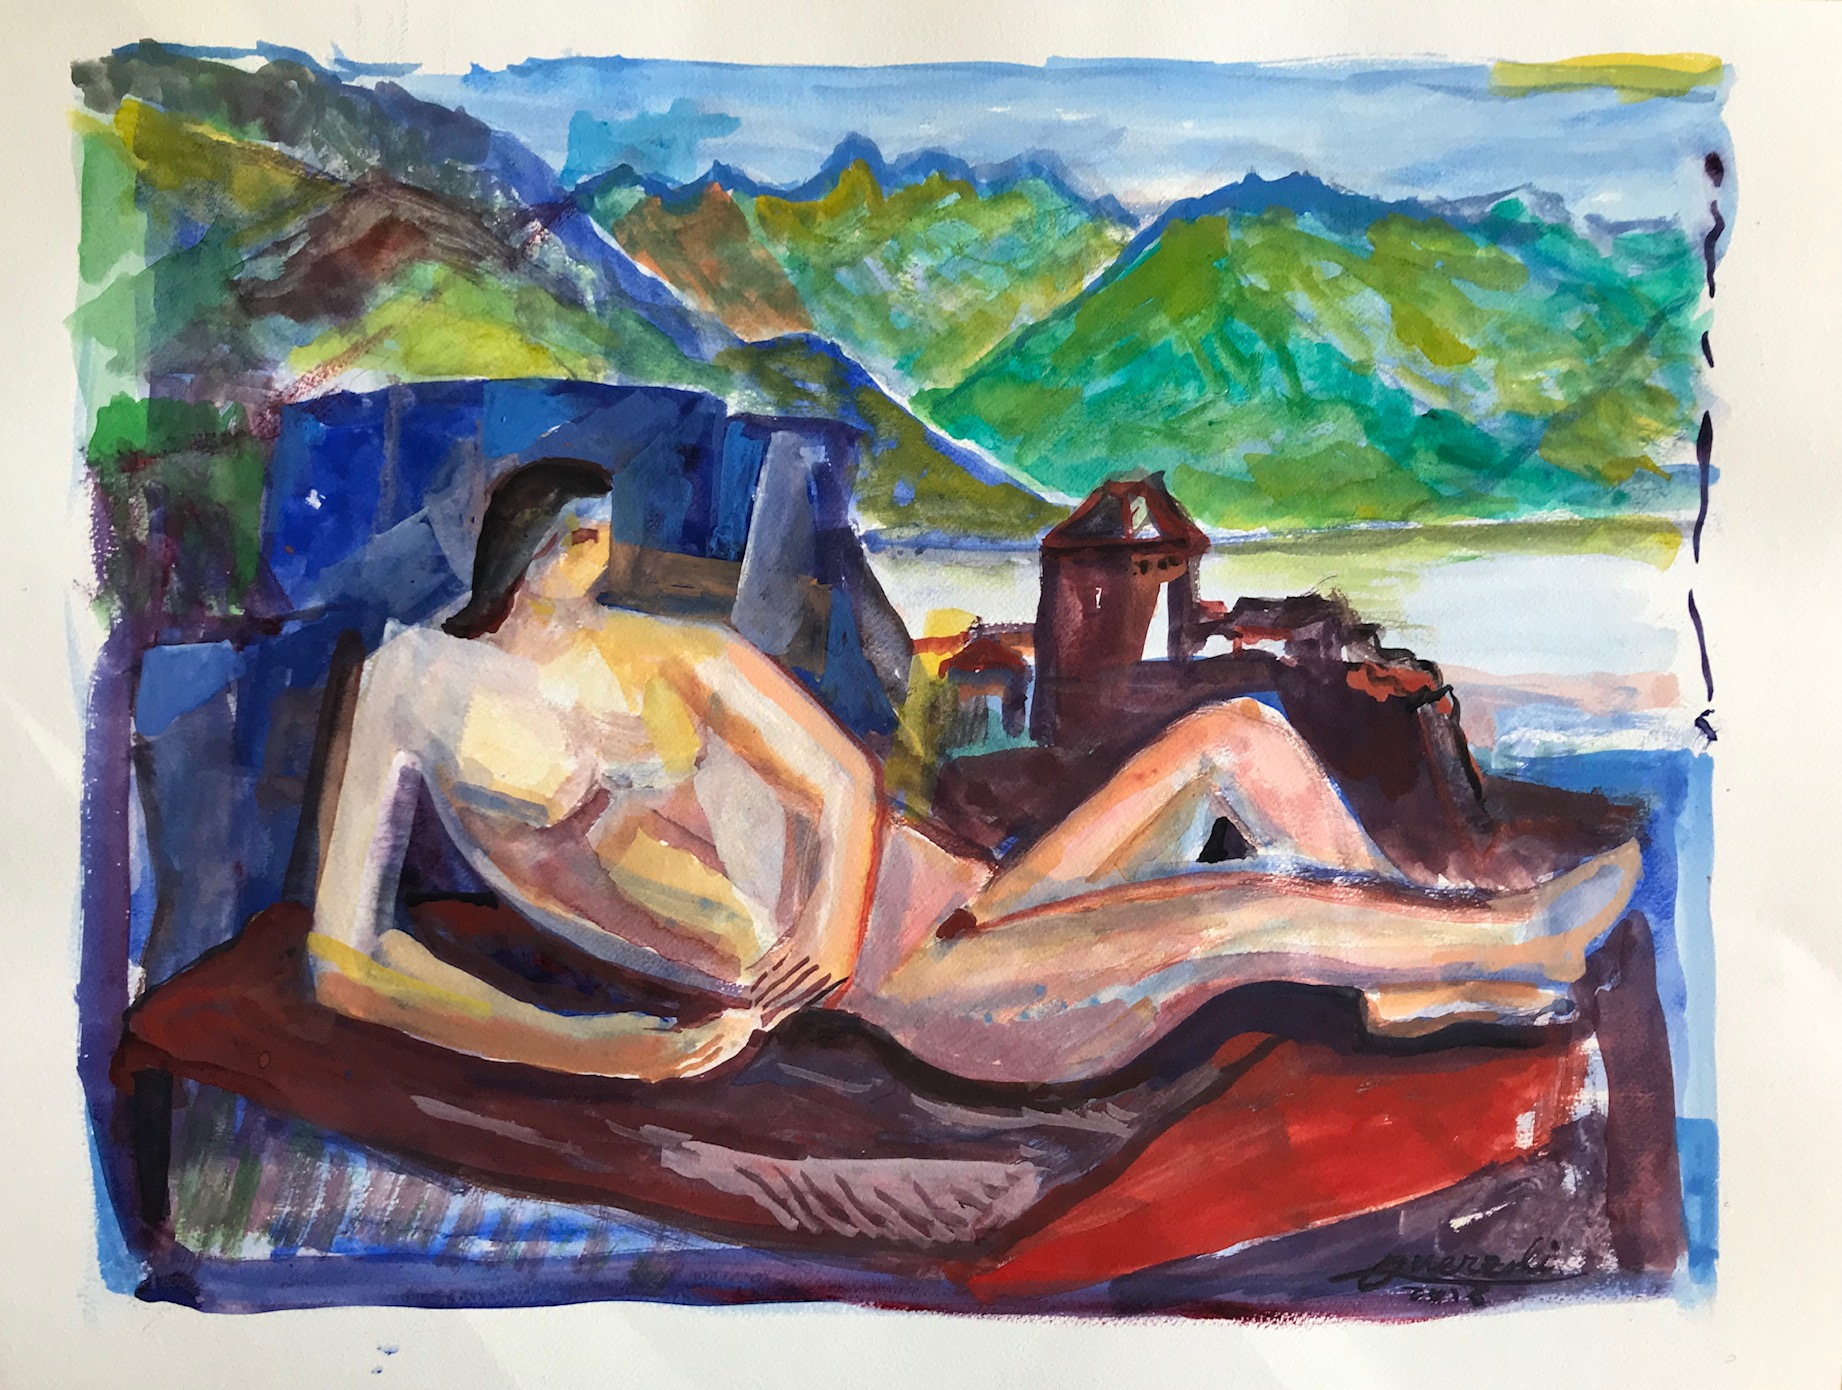 La femme au bord du lac